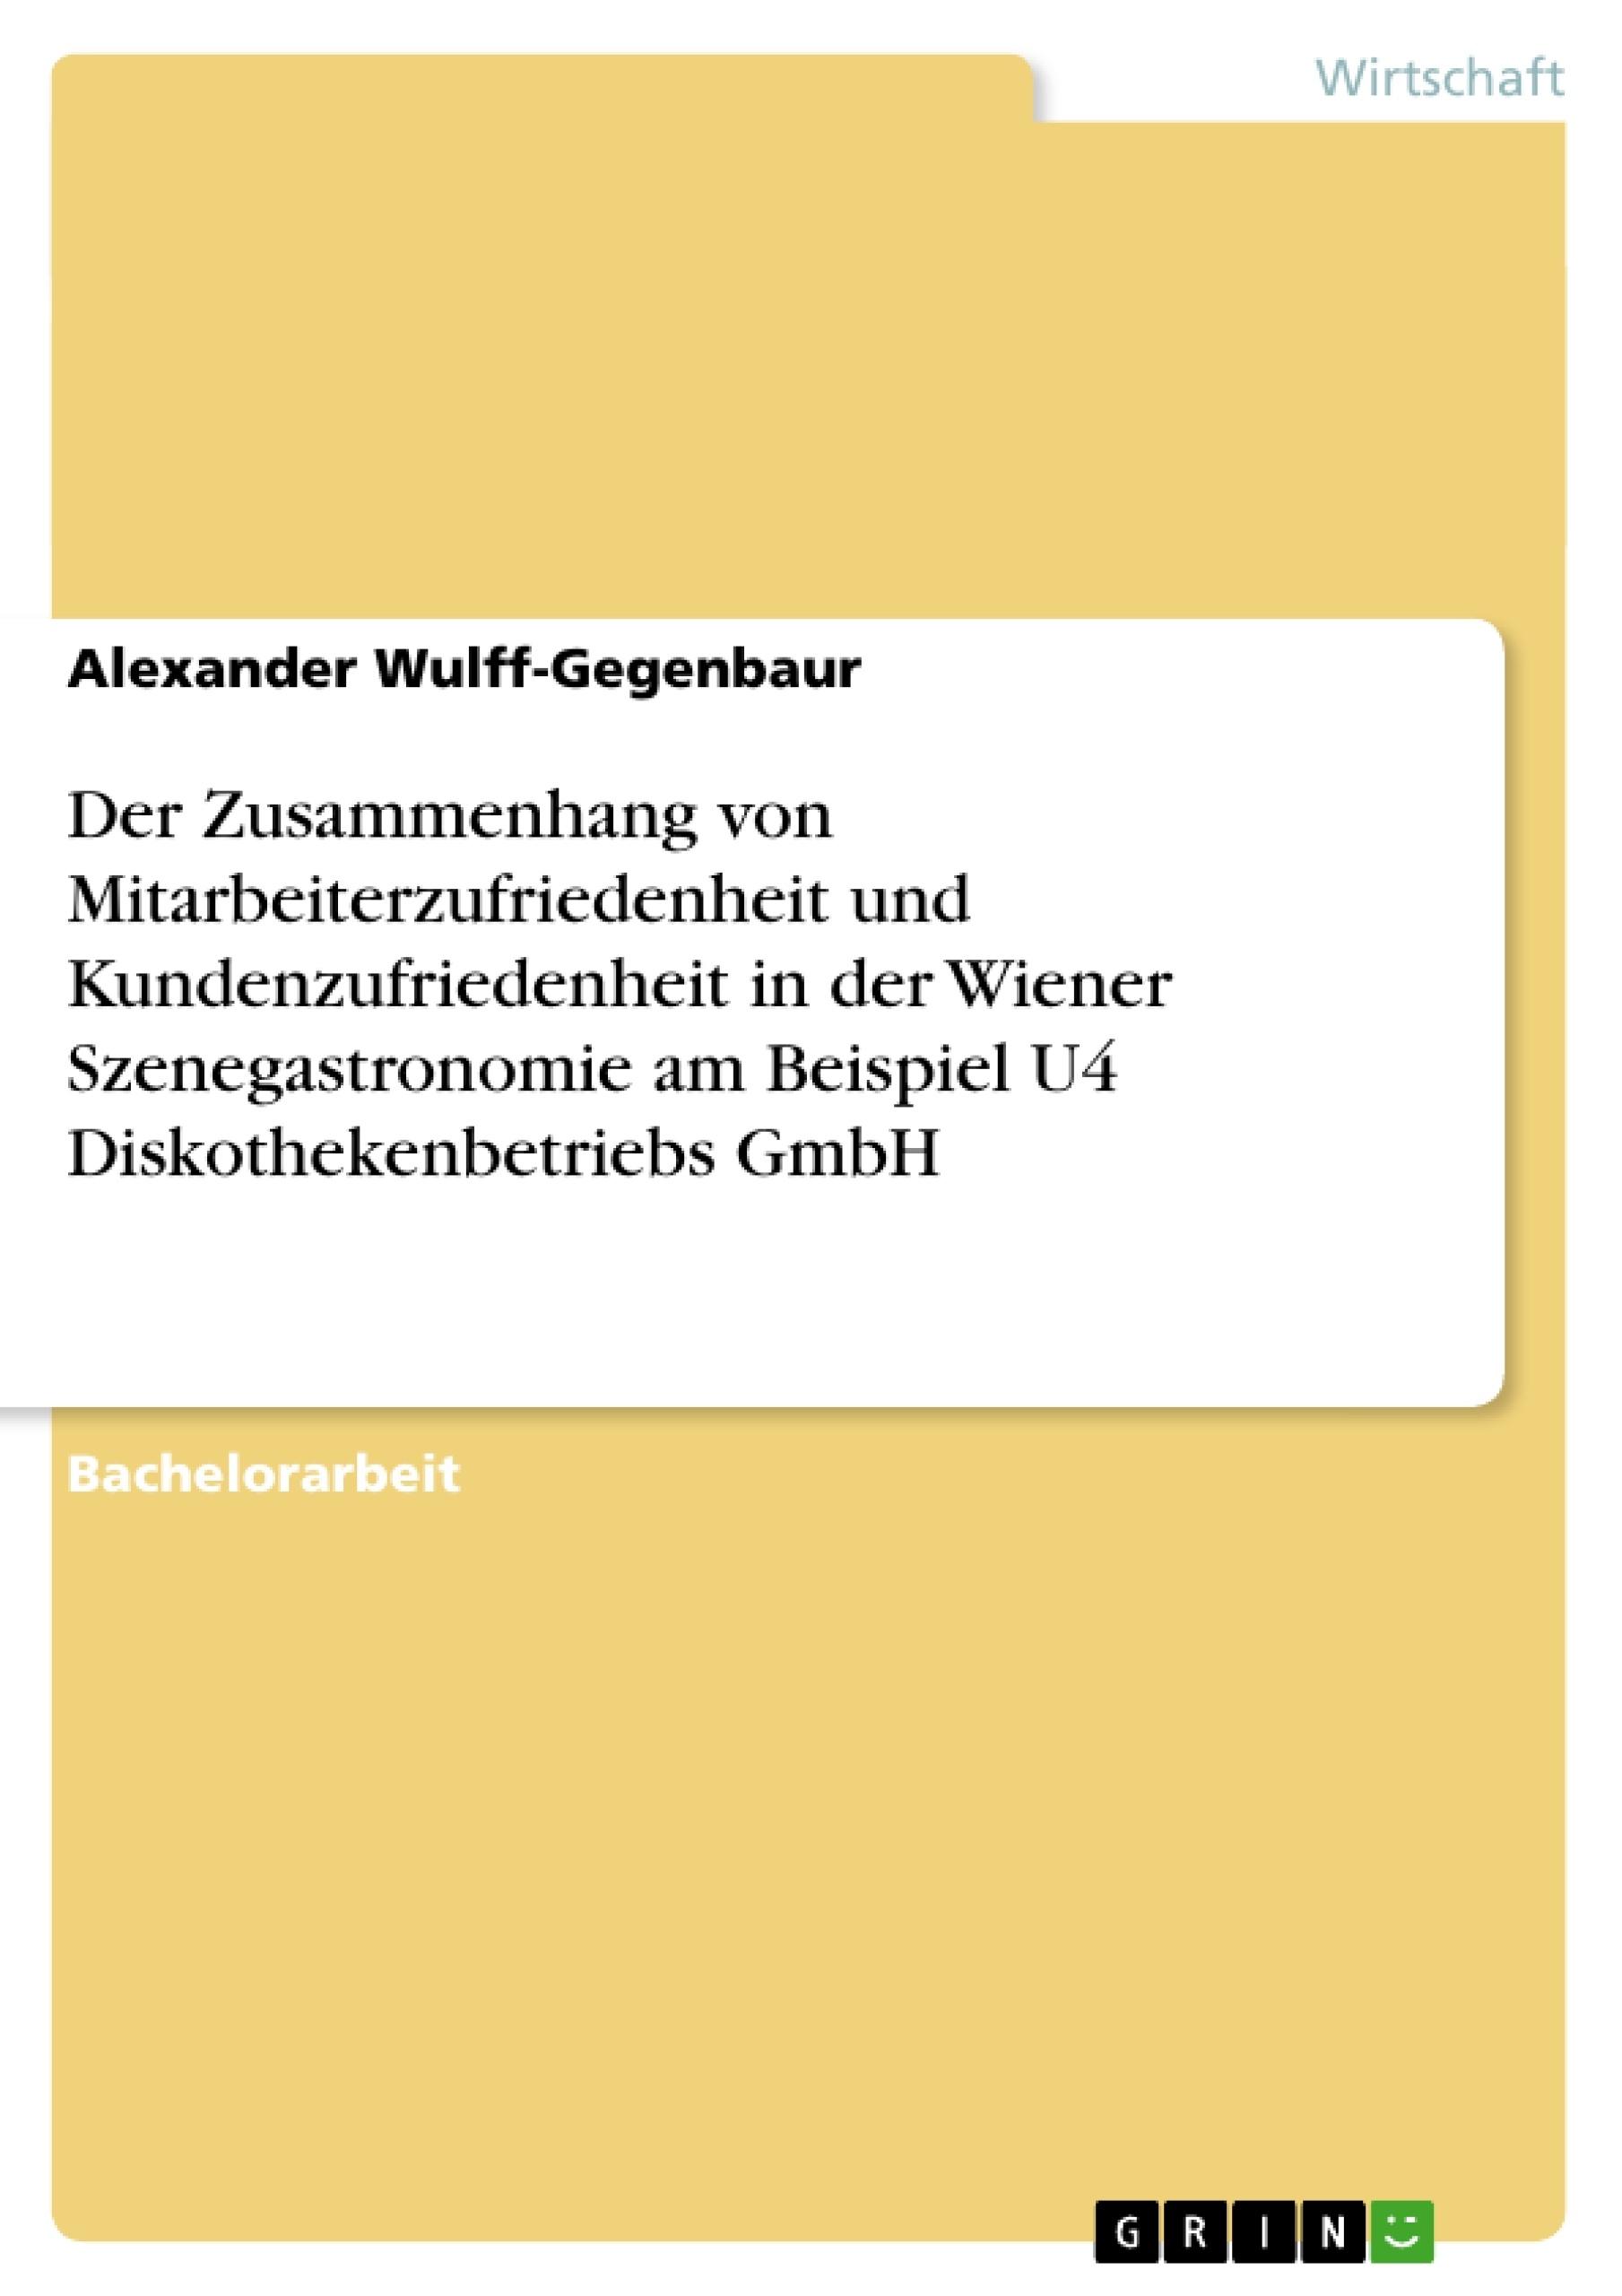 Titel: Der Zusammenhang von Mitarbeiterzufriedenheit und Kundenzufriedenheit in der Wiener Szenegastronomie am Beispiel U4 Diskothekenbetriebs GmbH